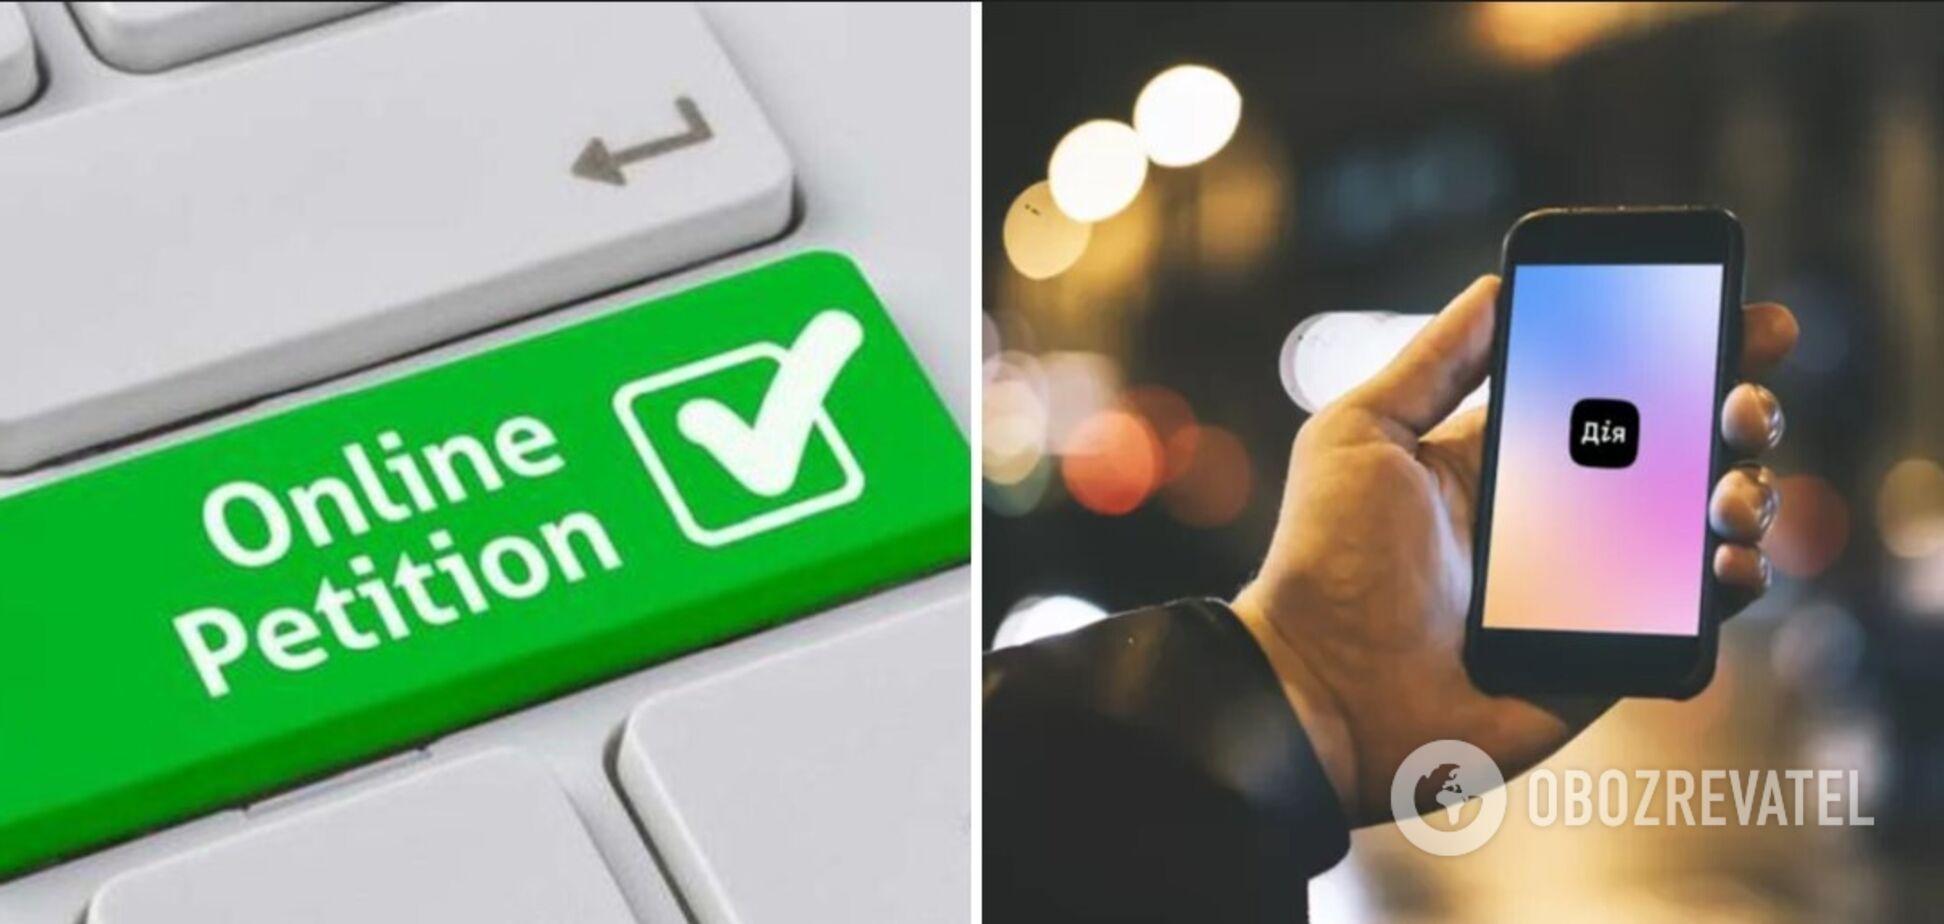 Можливості 'Дії' мають бути використані для підписання електронних петицій